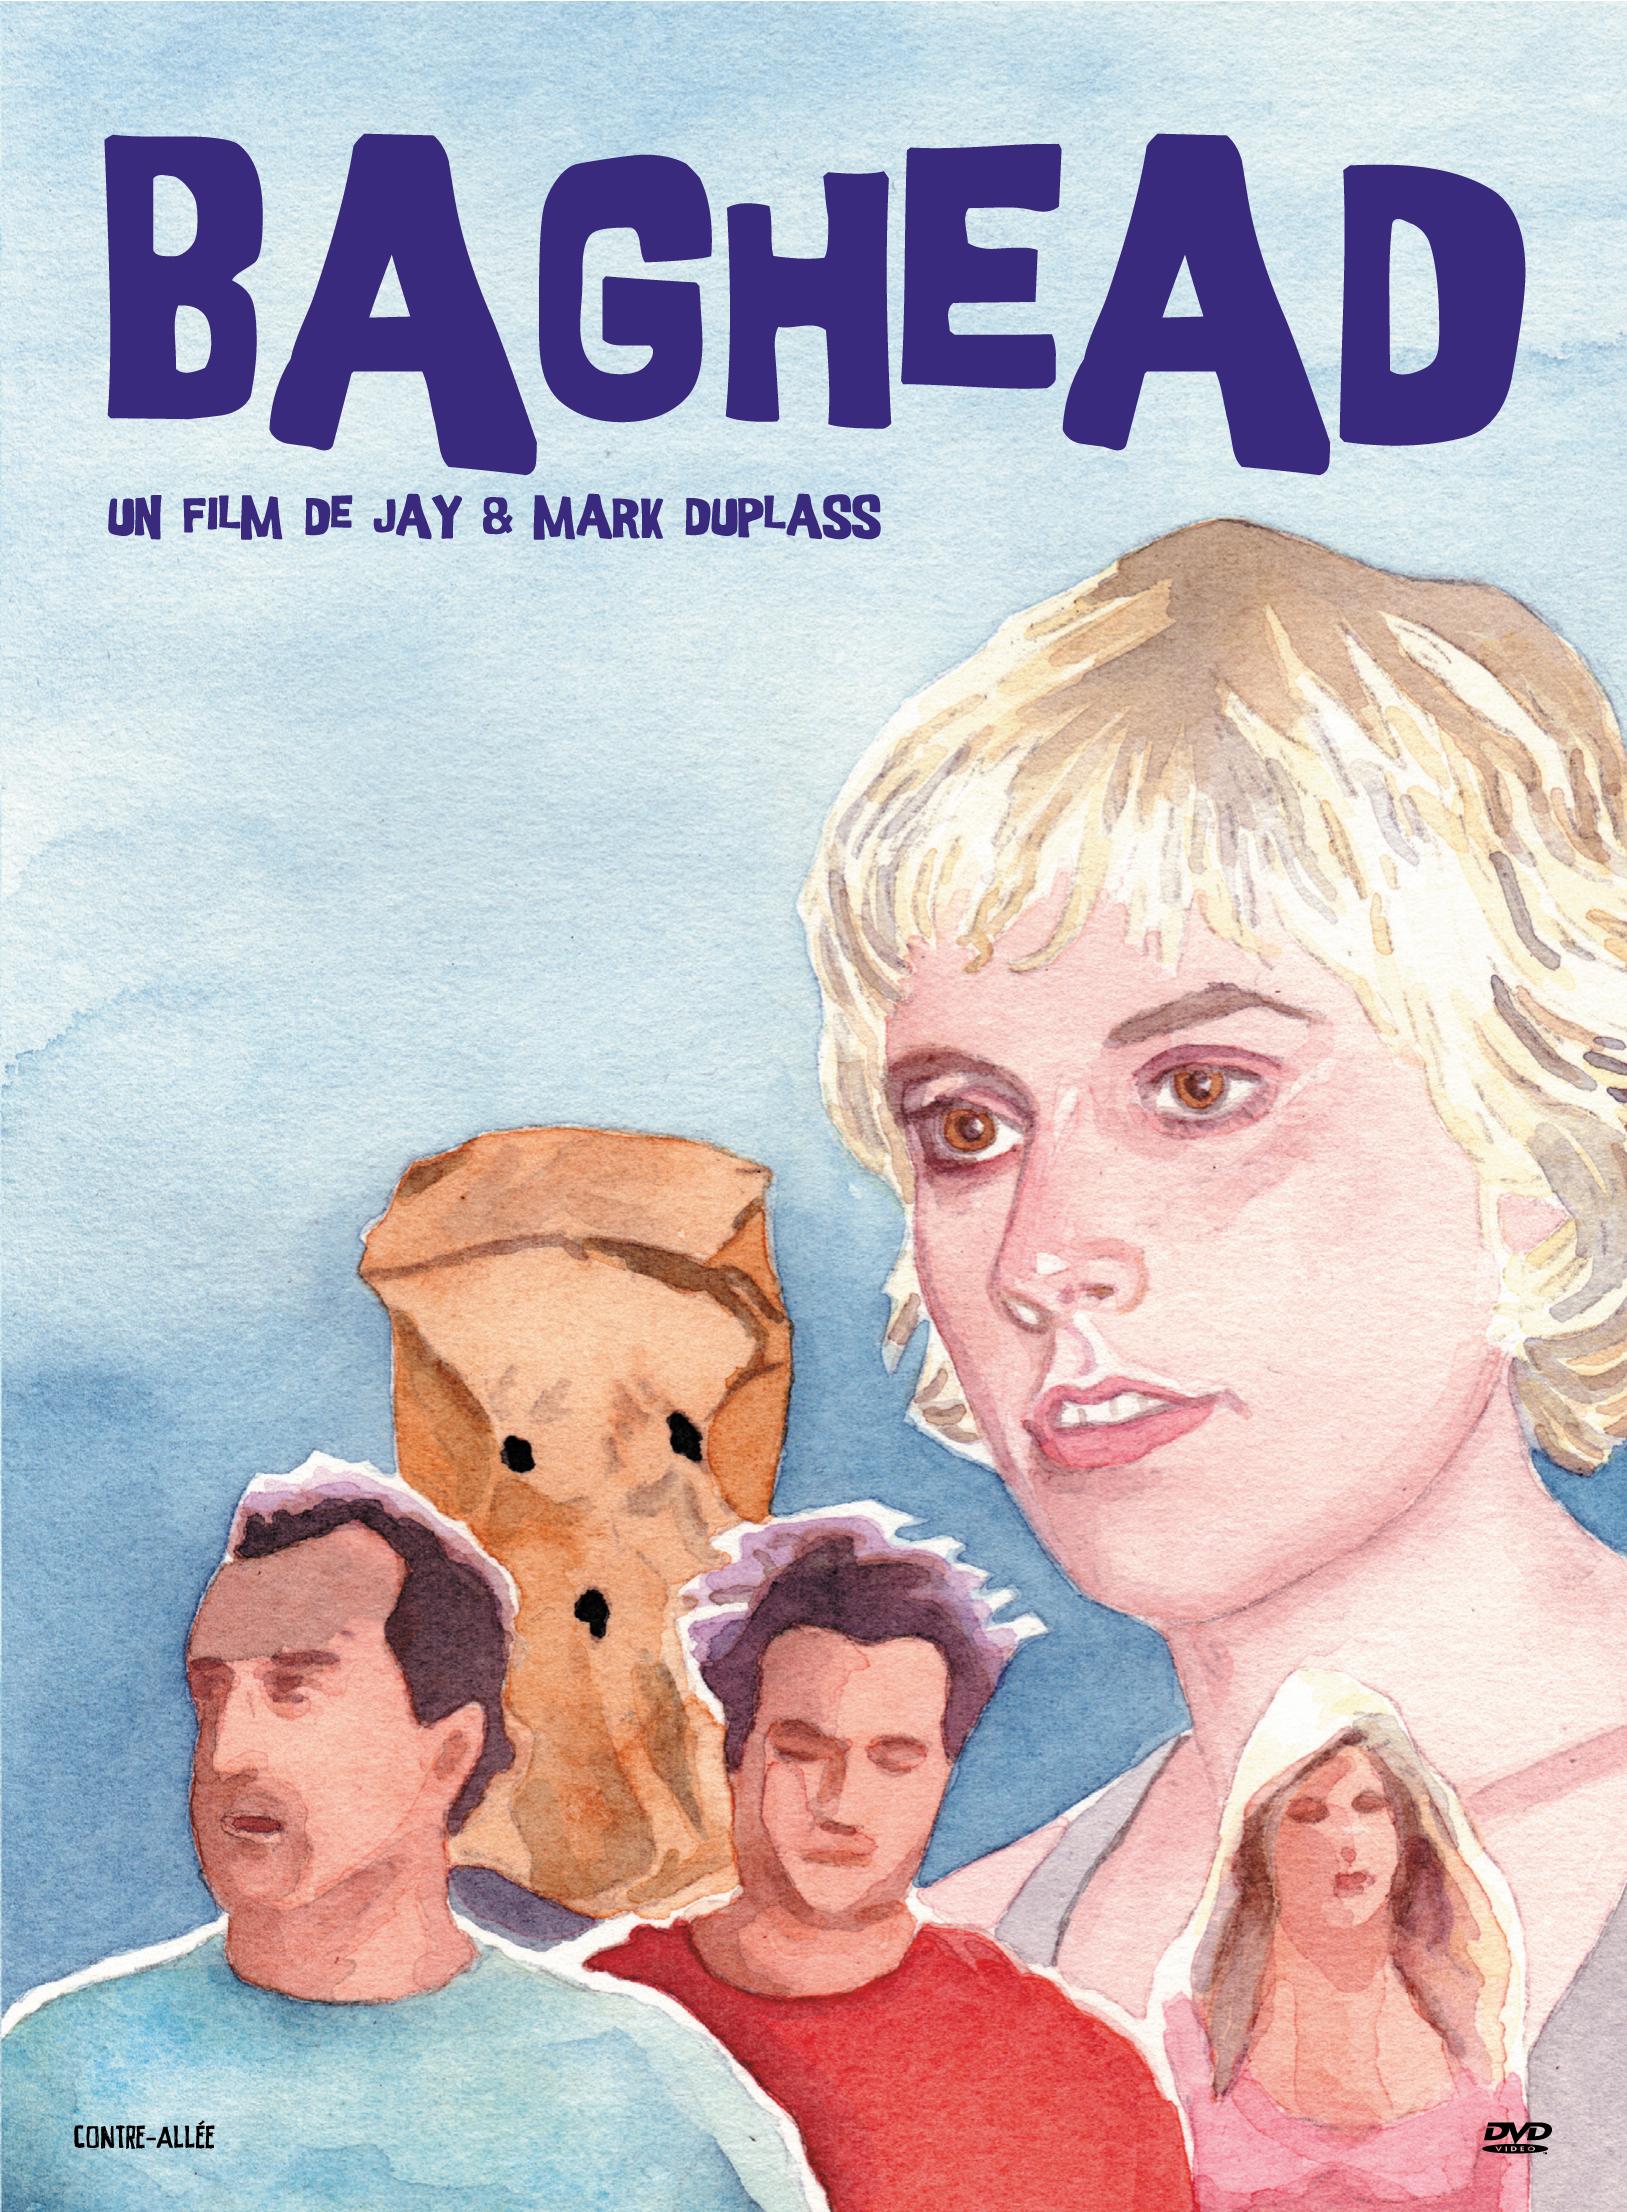 BAGHEAD#DIGI061014.indd